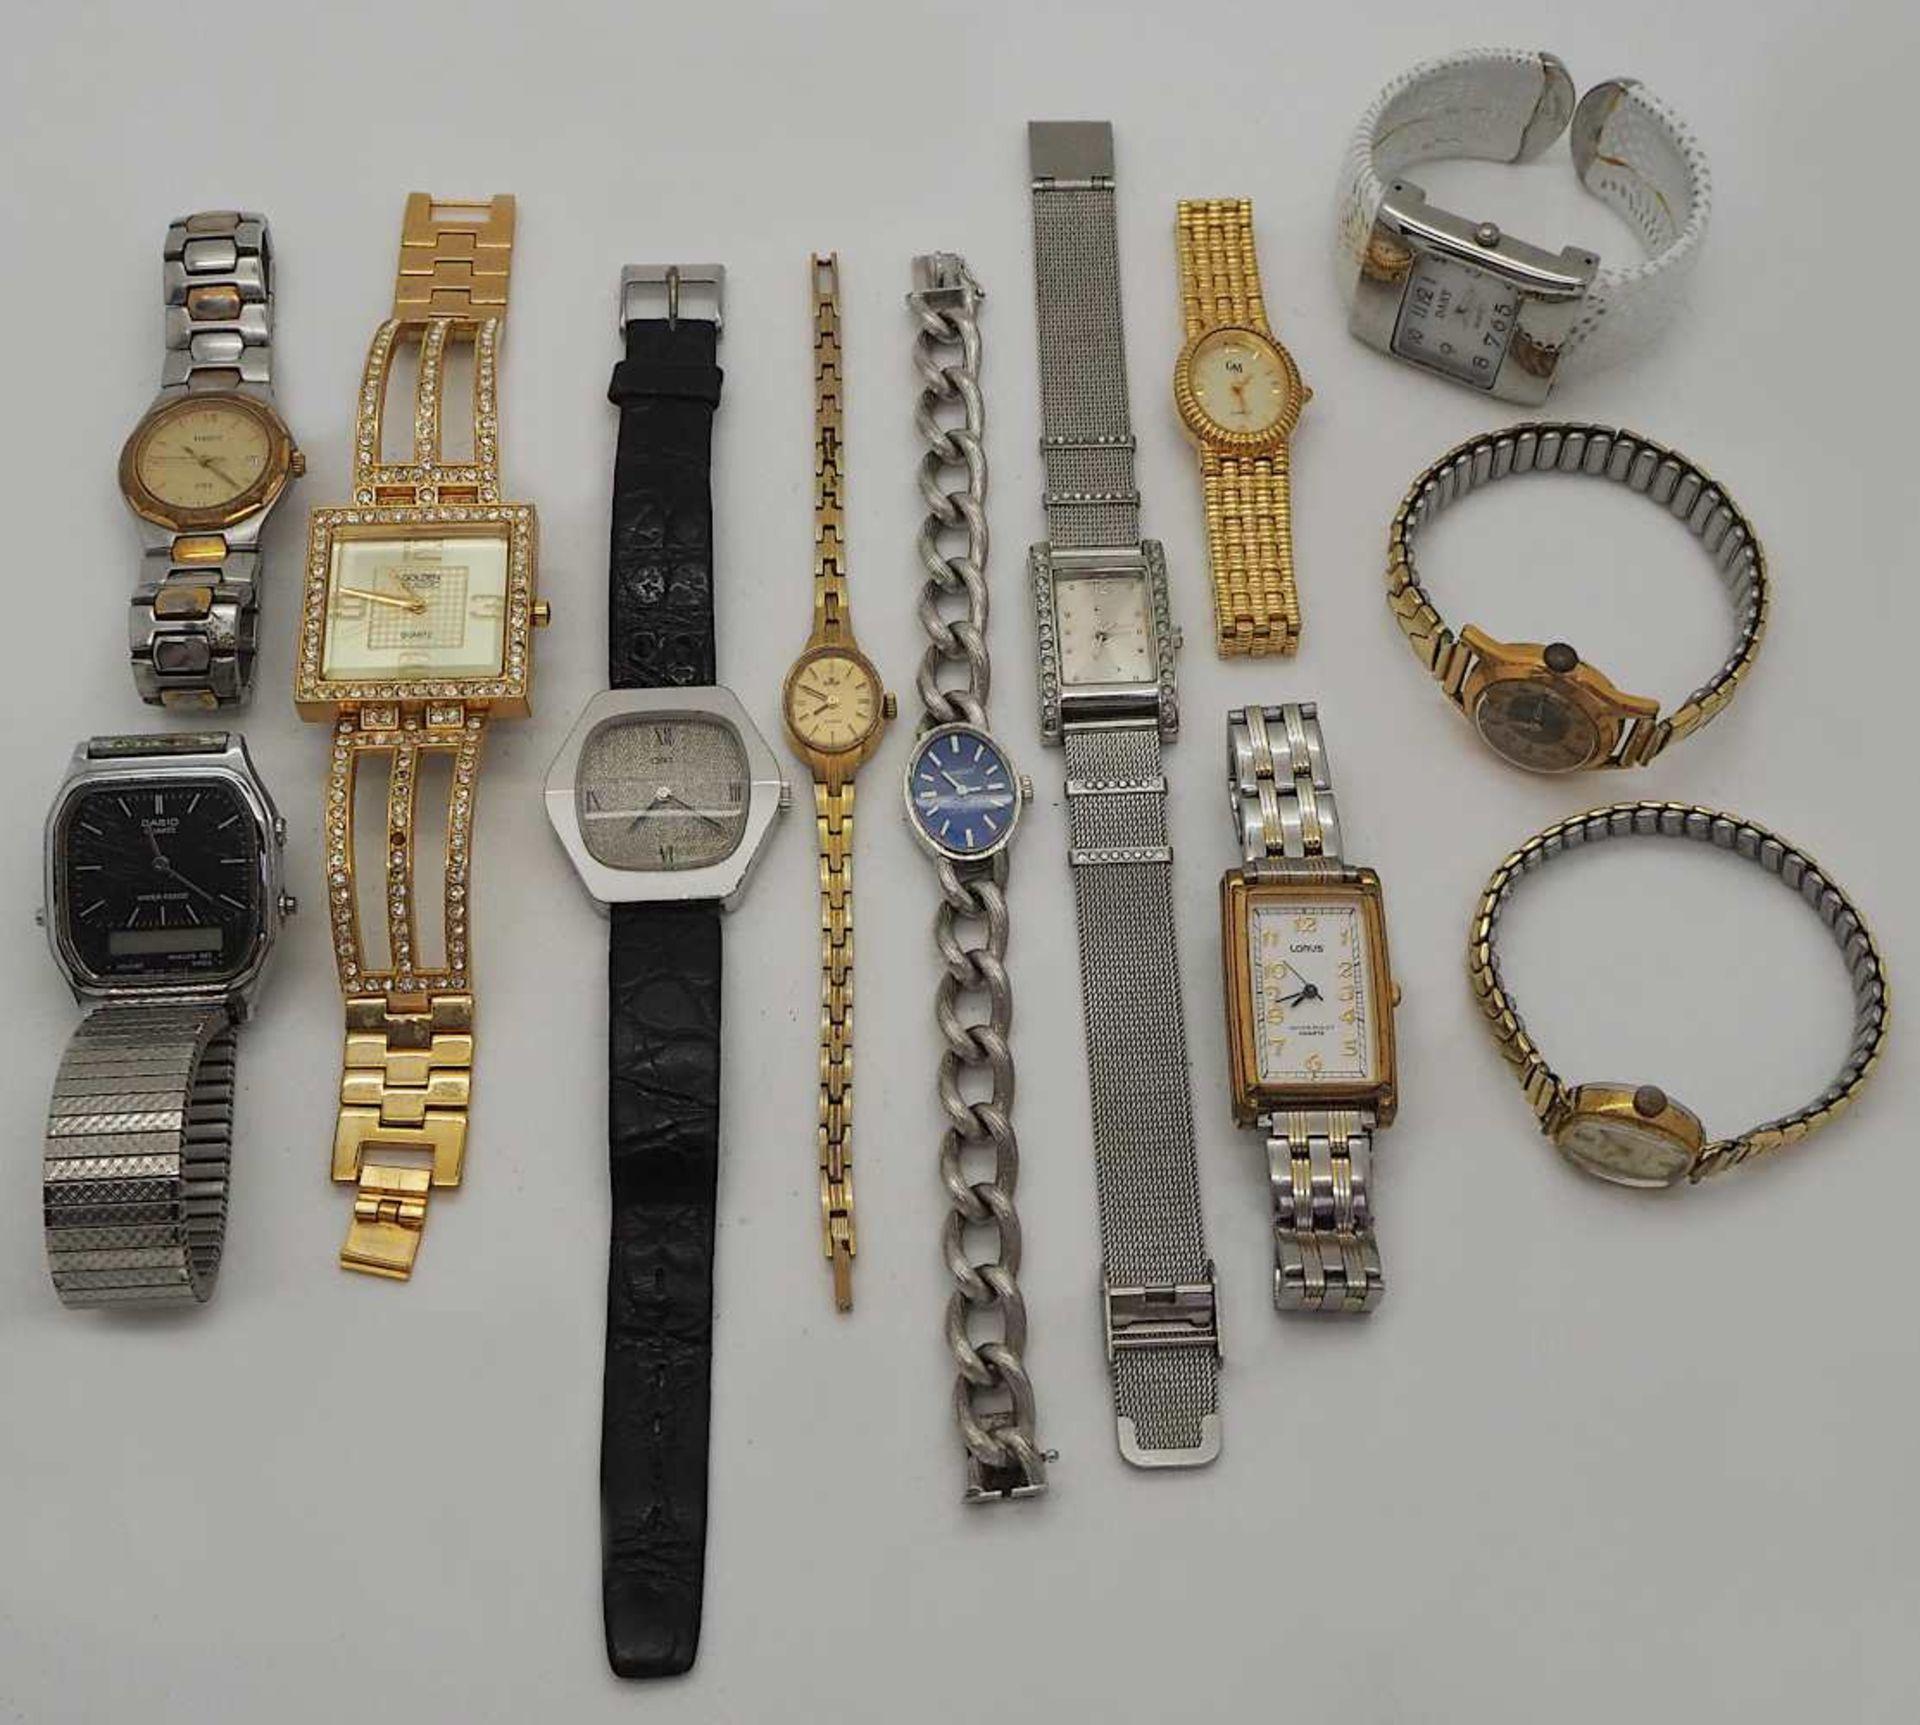 1 Konv. Armbanduhren Metall z.T. m. Lederband versch. Asp./ Gsp. z.T. besch. - Bild 2 aus 2